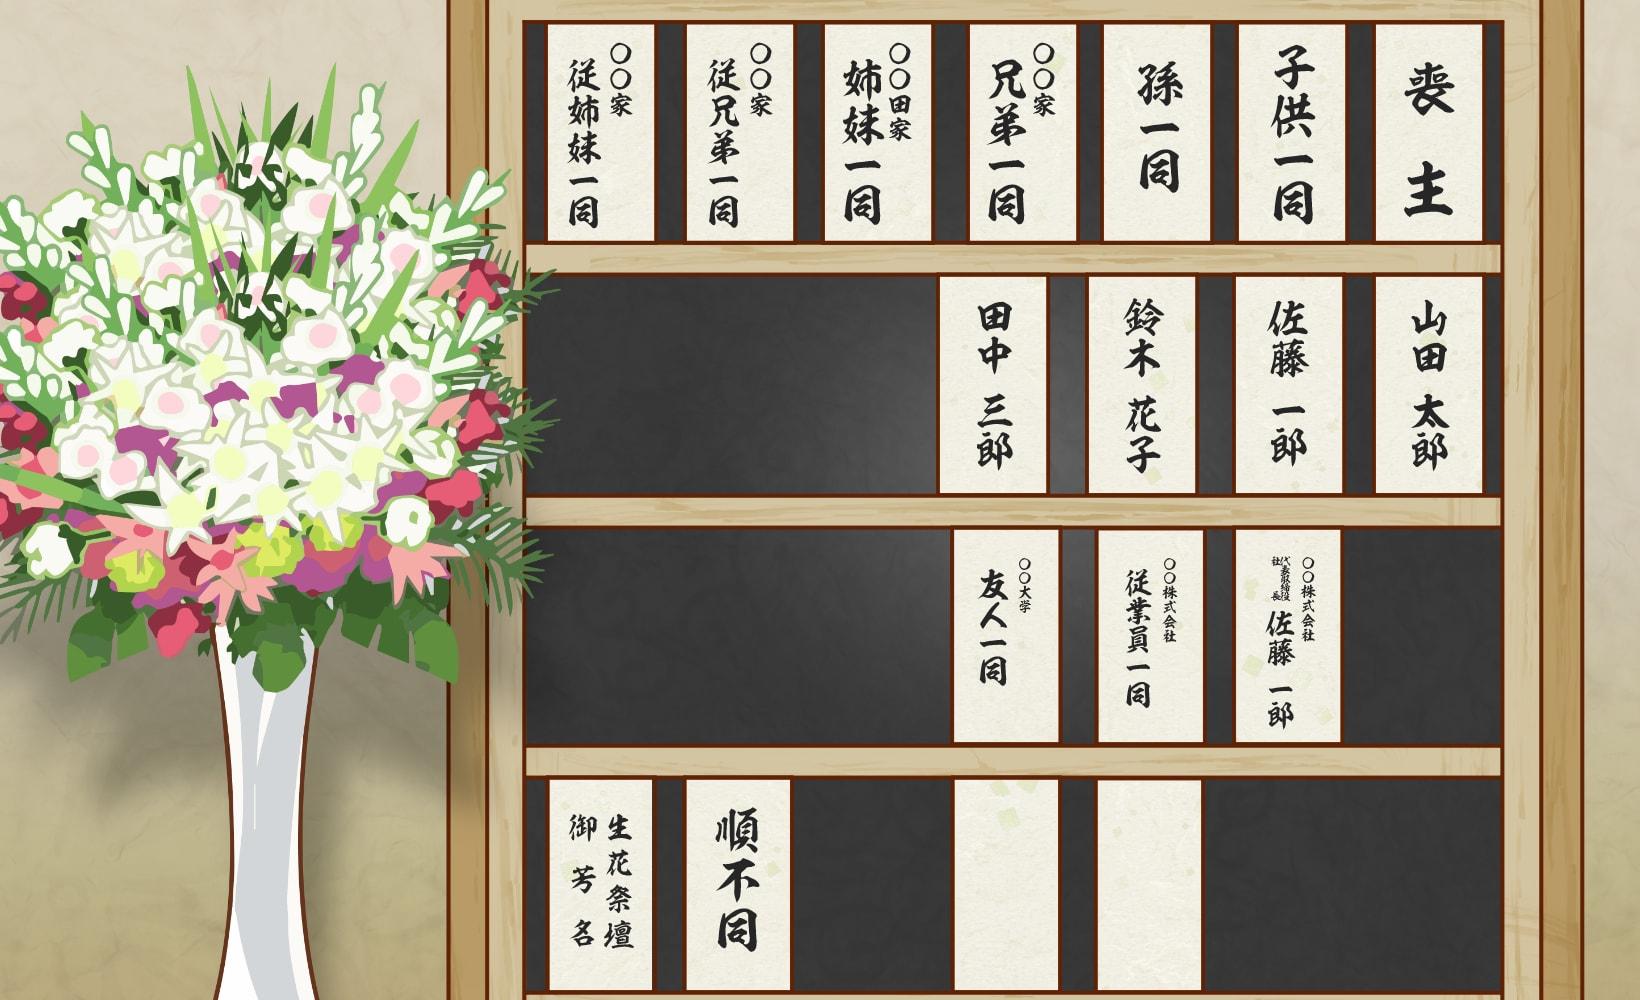 芳名板とは供花一つ一つに名札を付けず、供花を贈った人の名前のみを一覧にして記したもの